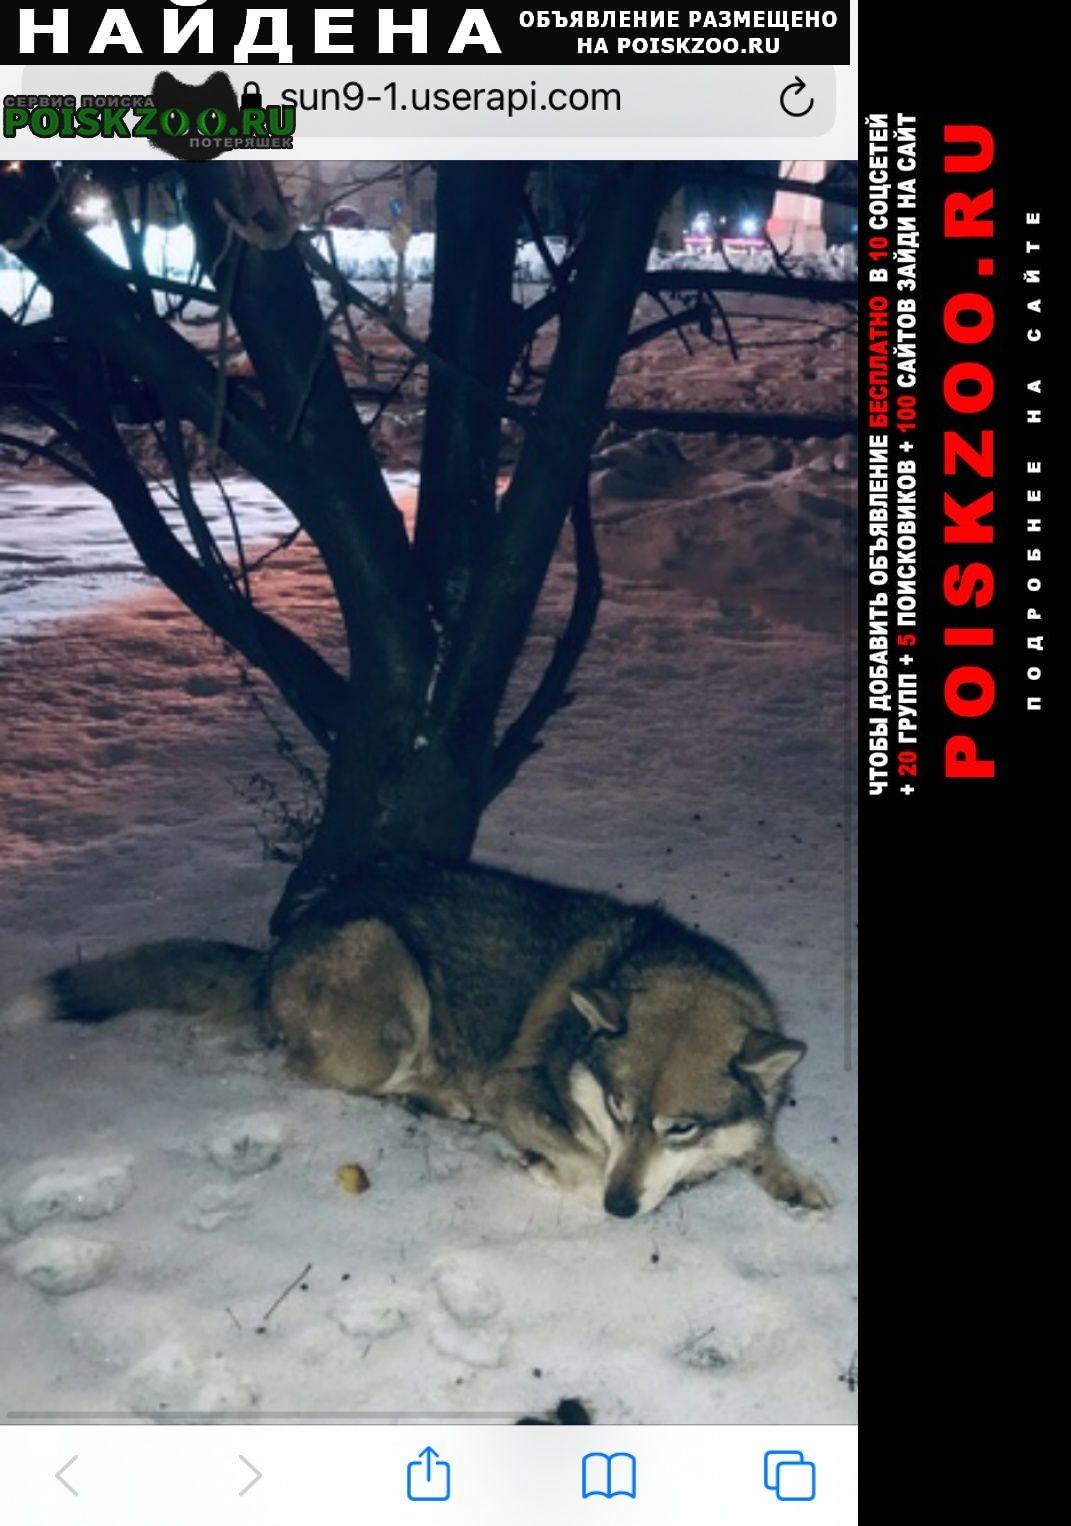 Найдена собака видели собаку лежит на одном месте Тула